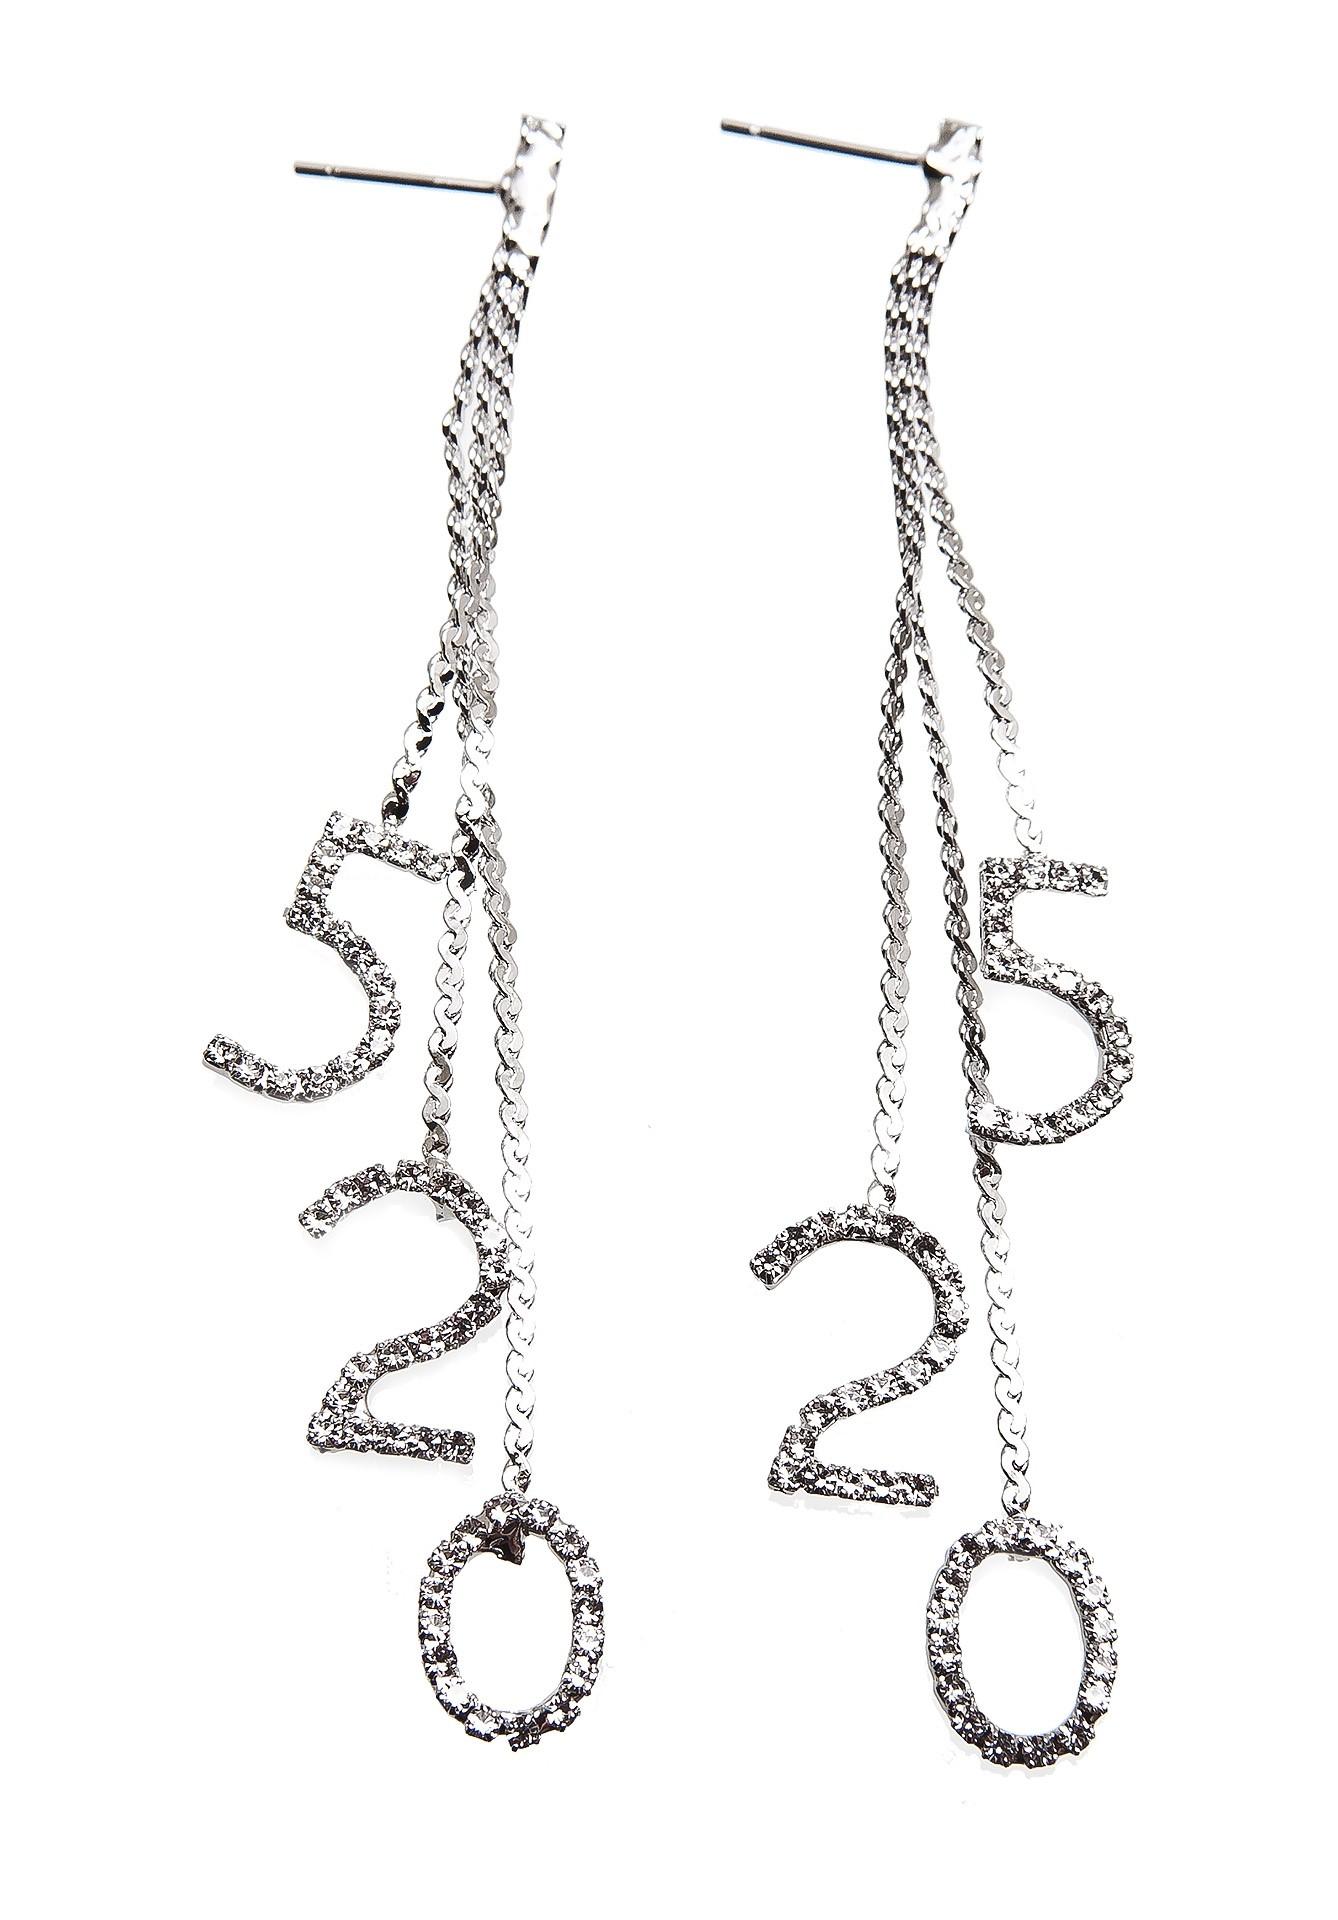 Серьги Aiyony Macie, ER802115, серебряныйER802115Размер 8,8 х 1 см. Состав: стразы, сплав на основе латуни